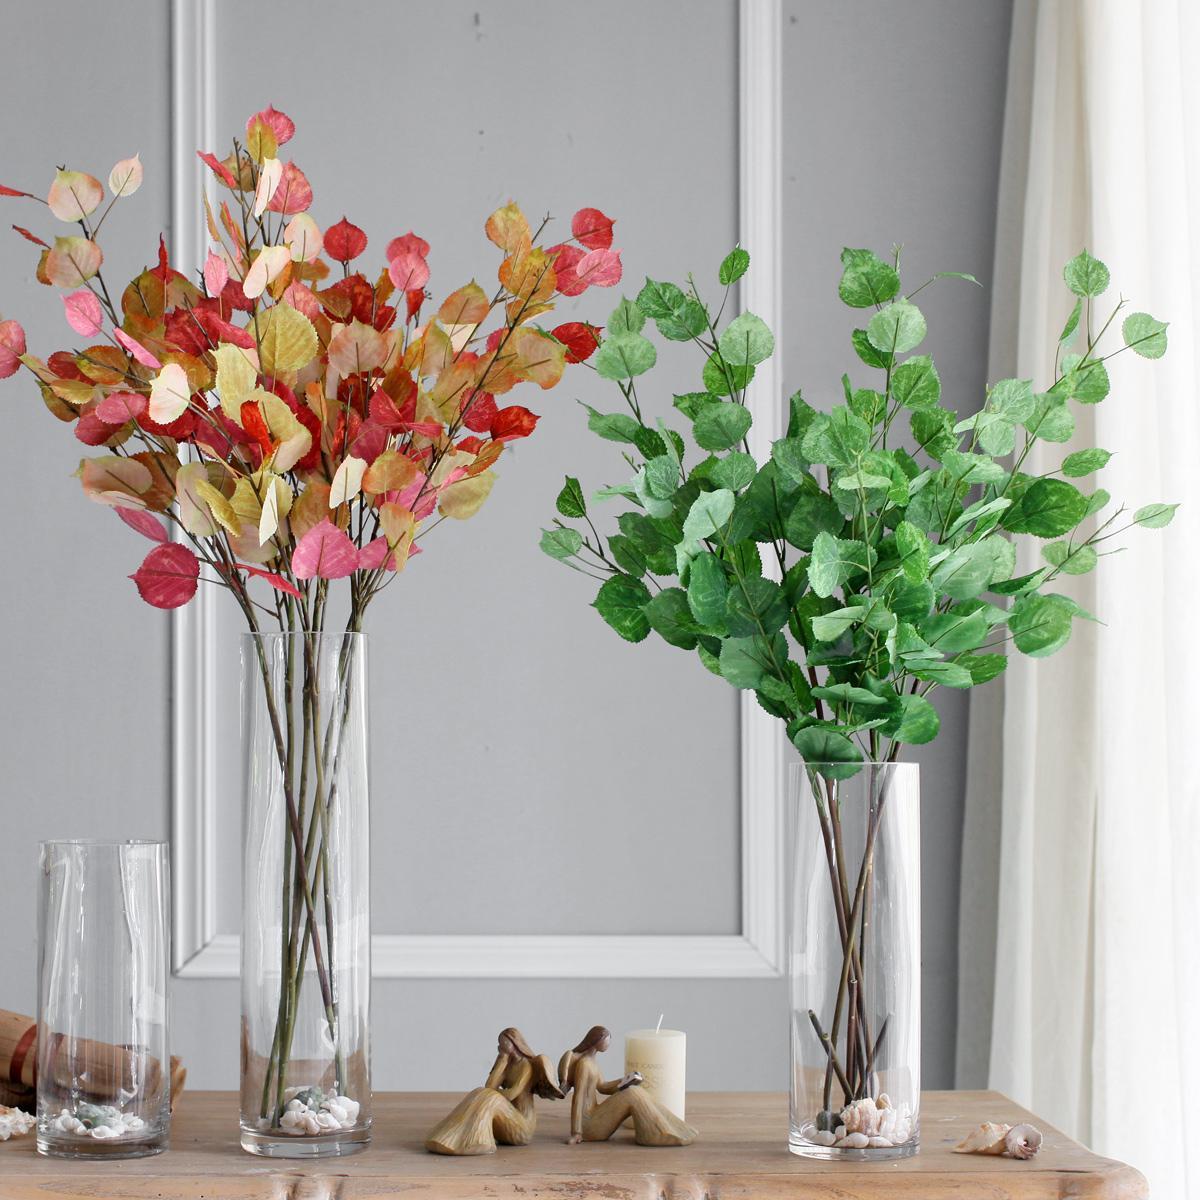 成都软装设计公司用花艺提升精装房软装的整体效果